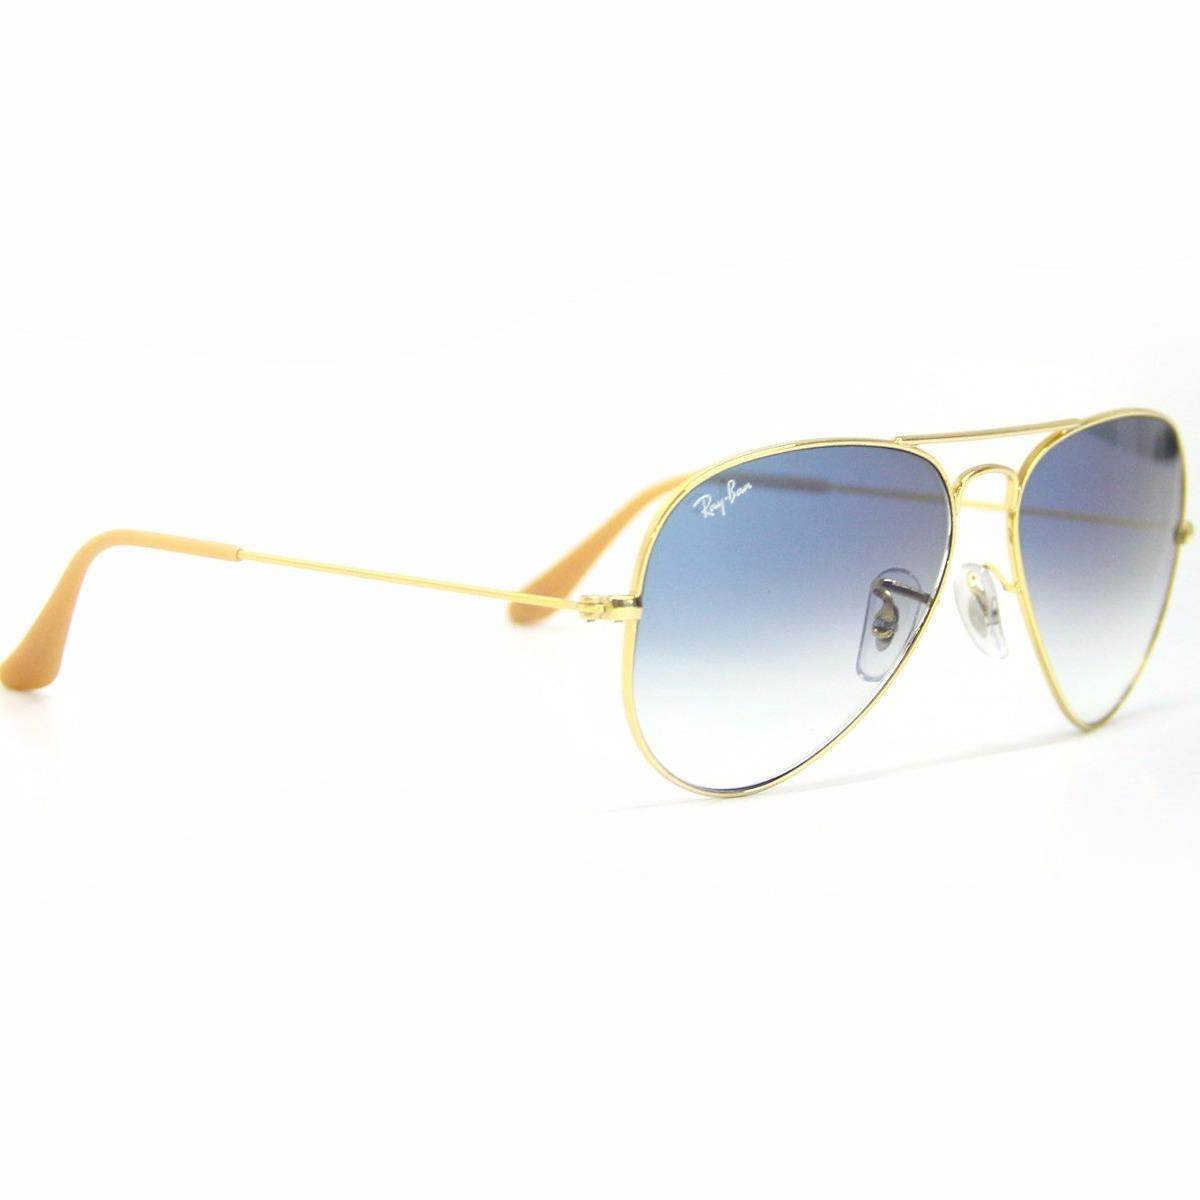 34b348153a0e1 óculos sol aviador ray ban 3025 - t.58 (médio) original. Carregando zoom.